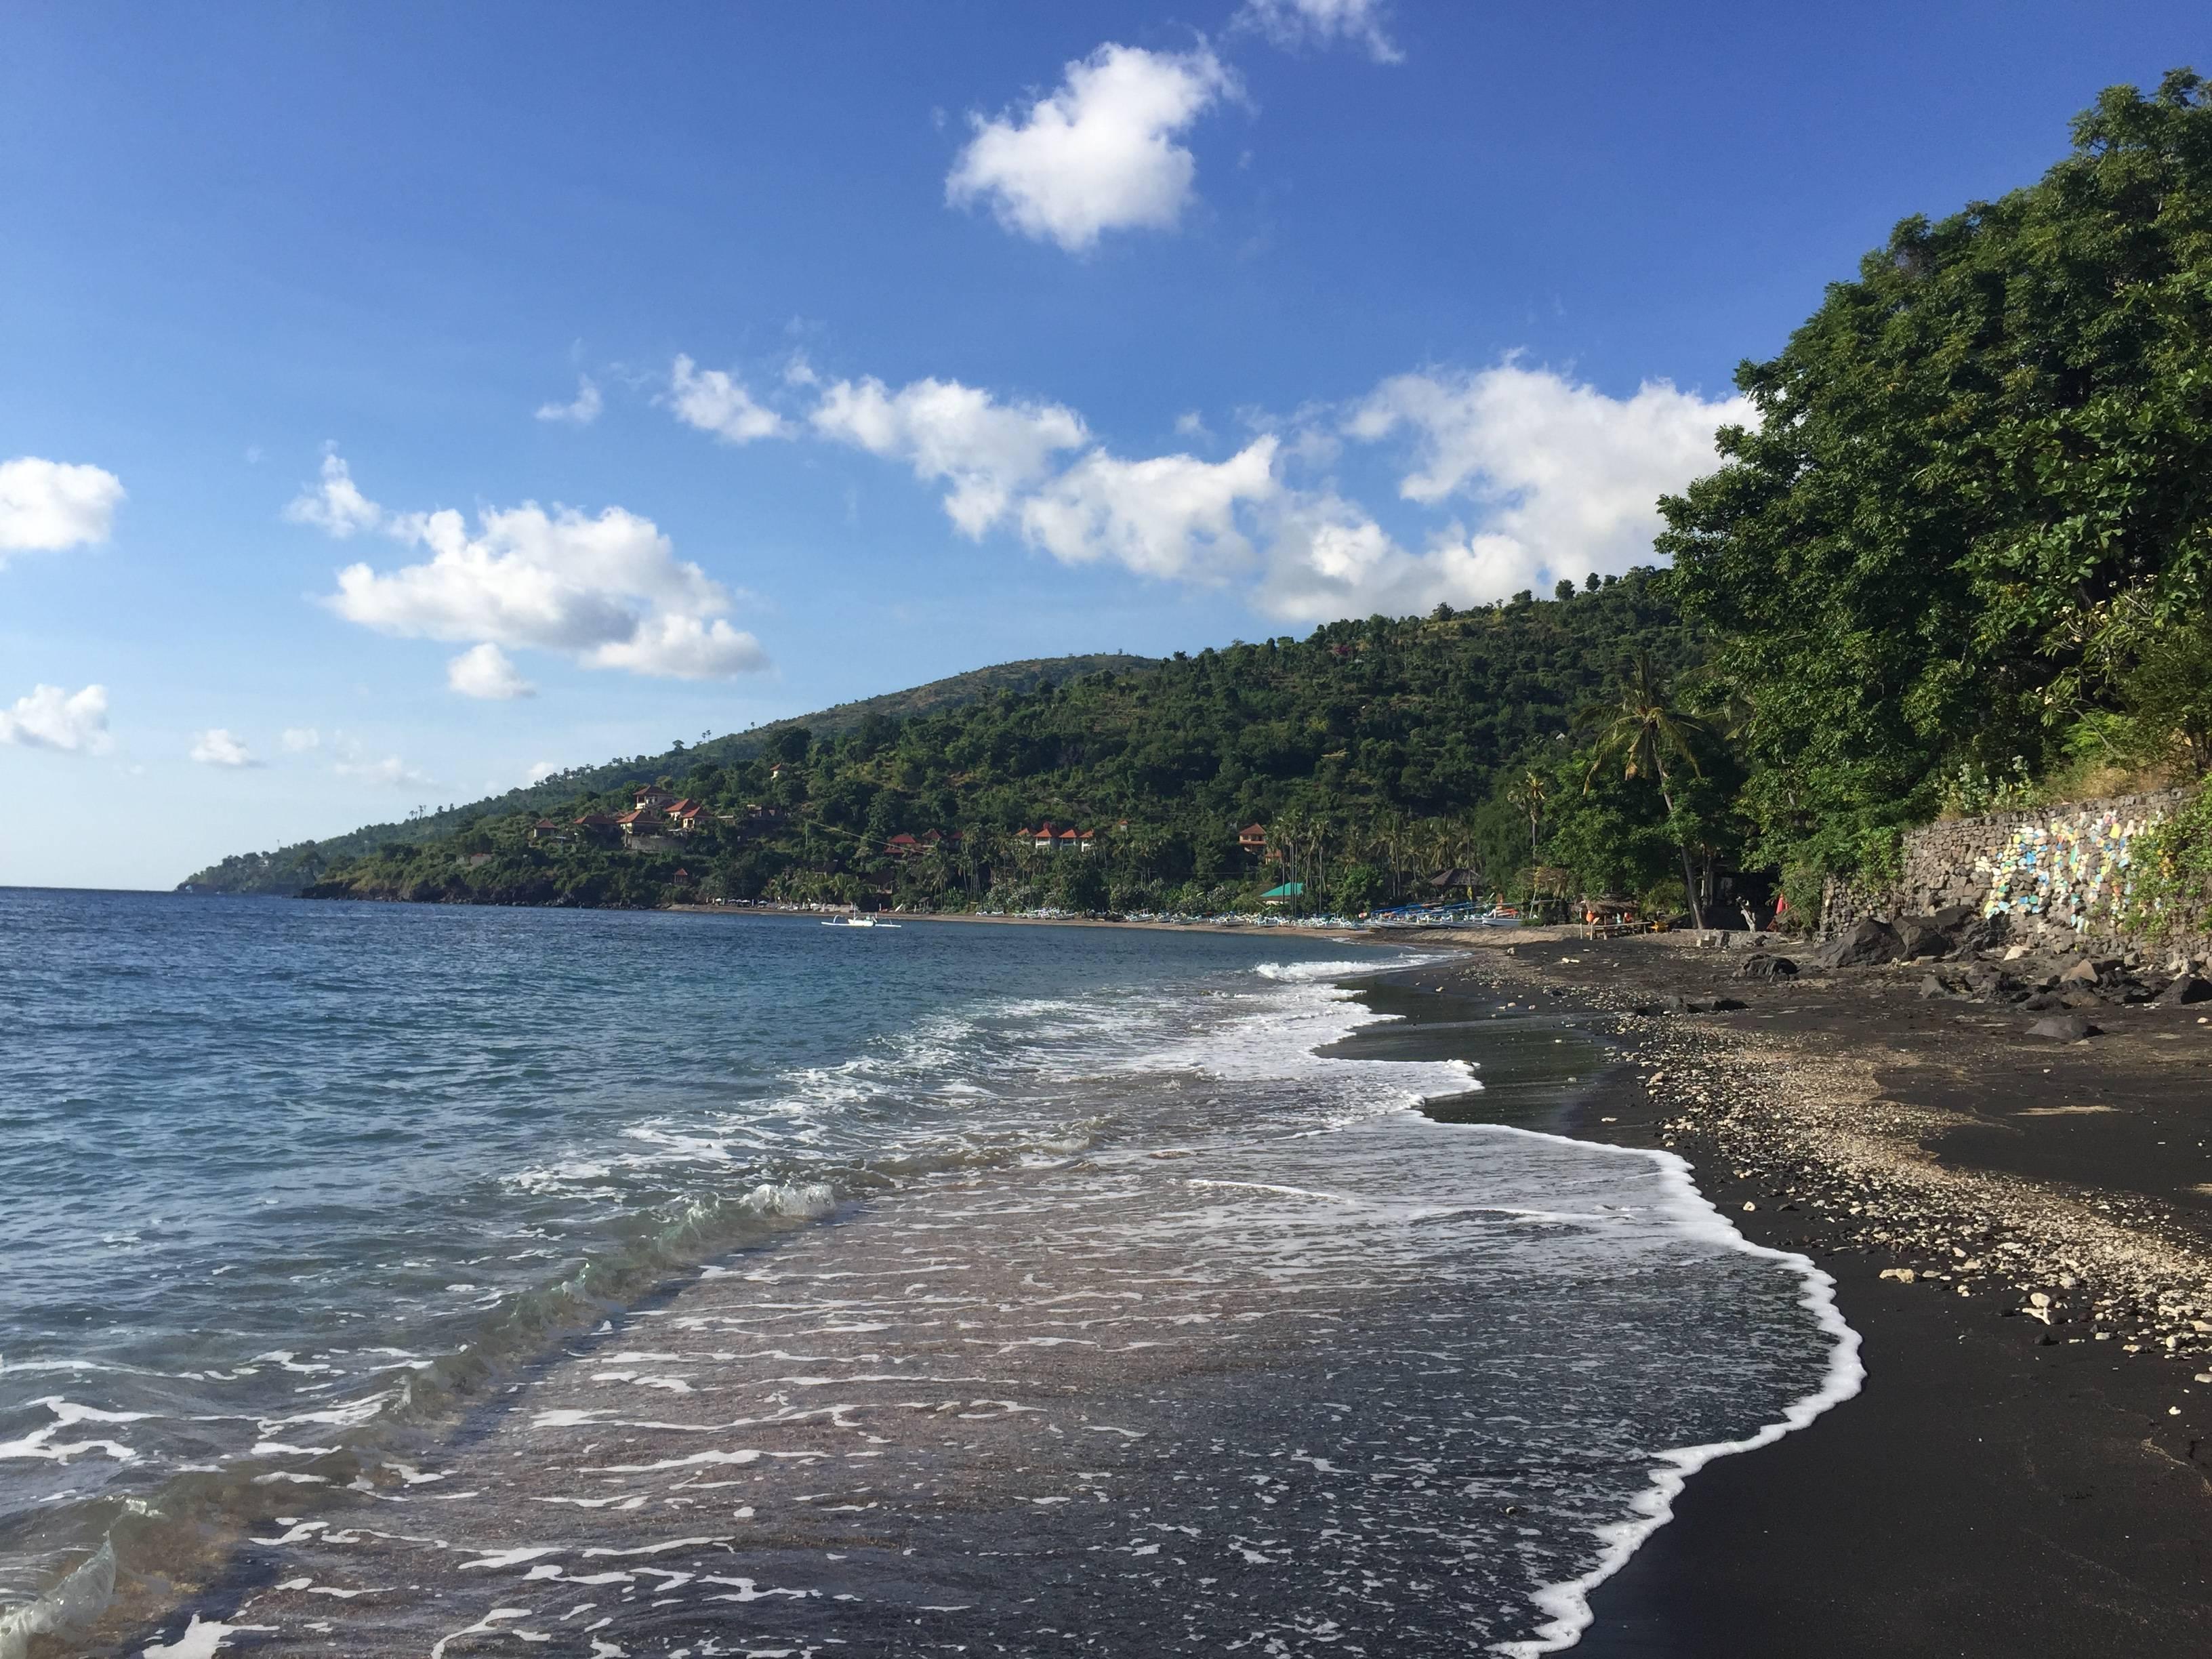 Photo 2: Amed (Bali) / l'idéal pour des passionées du snorkeling